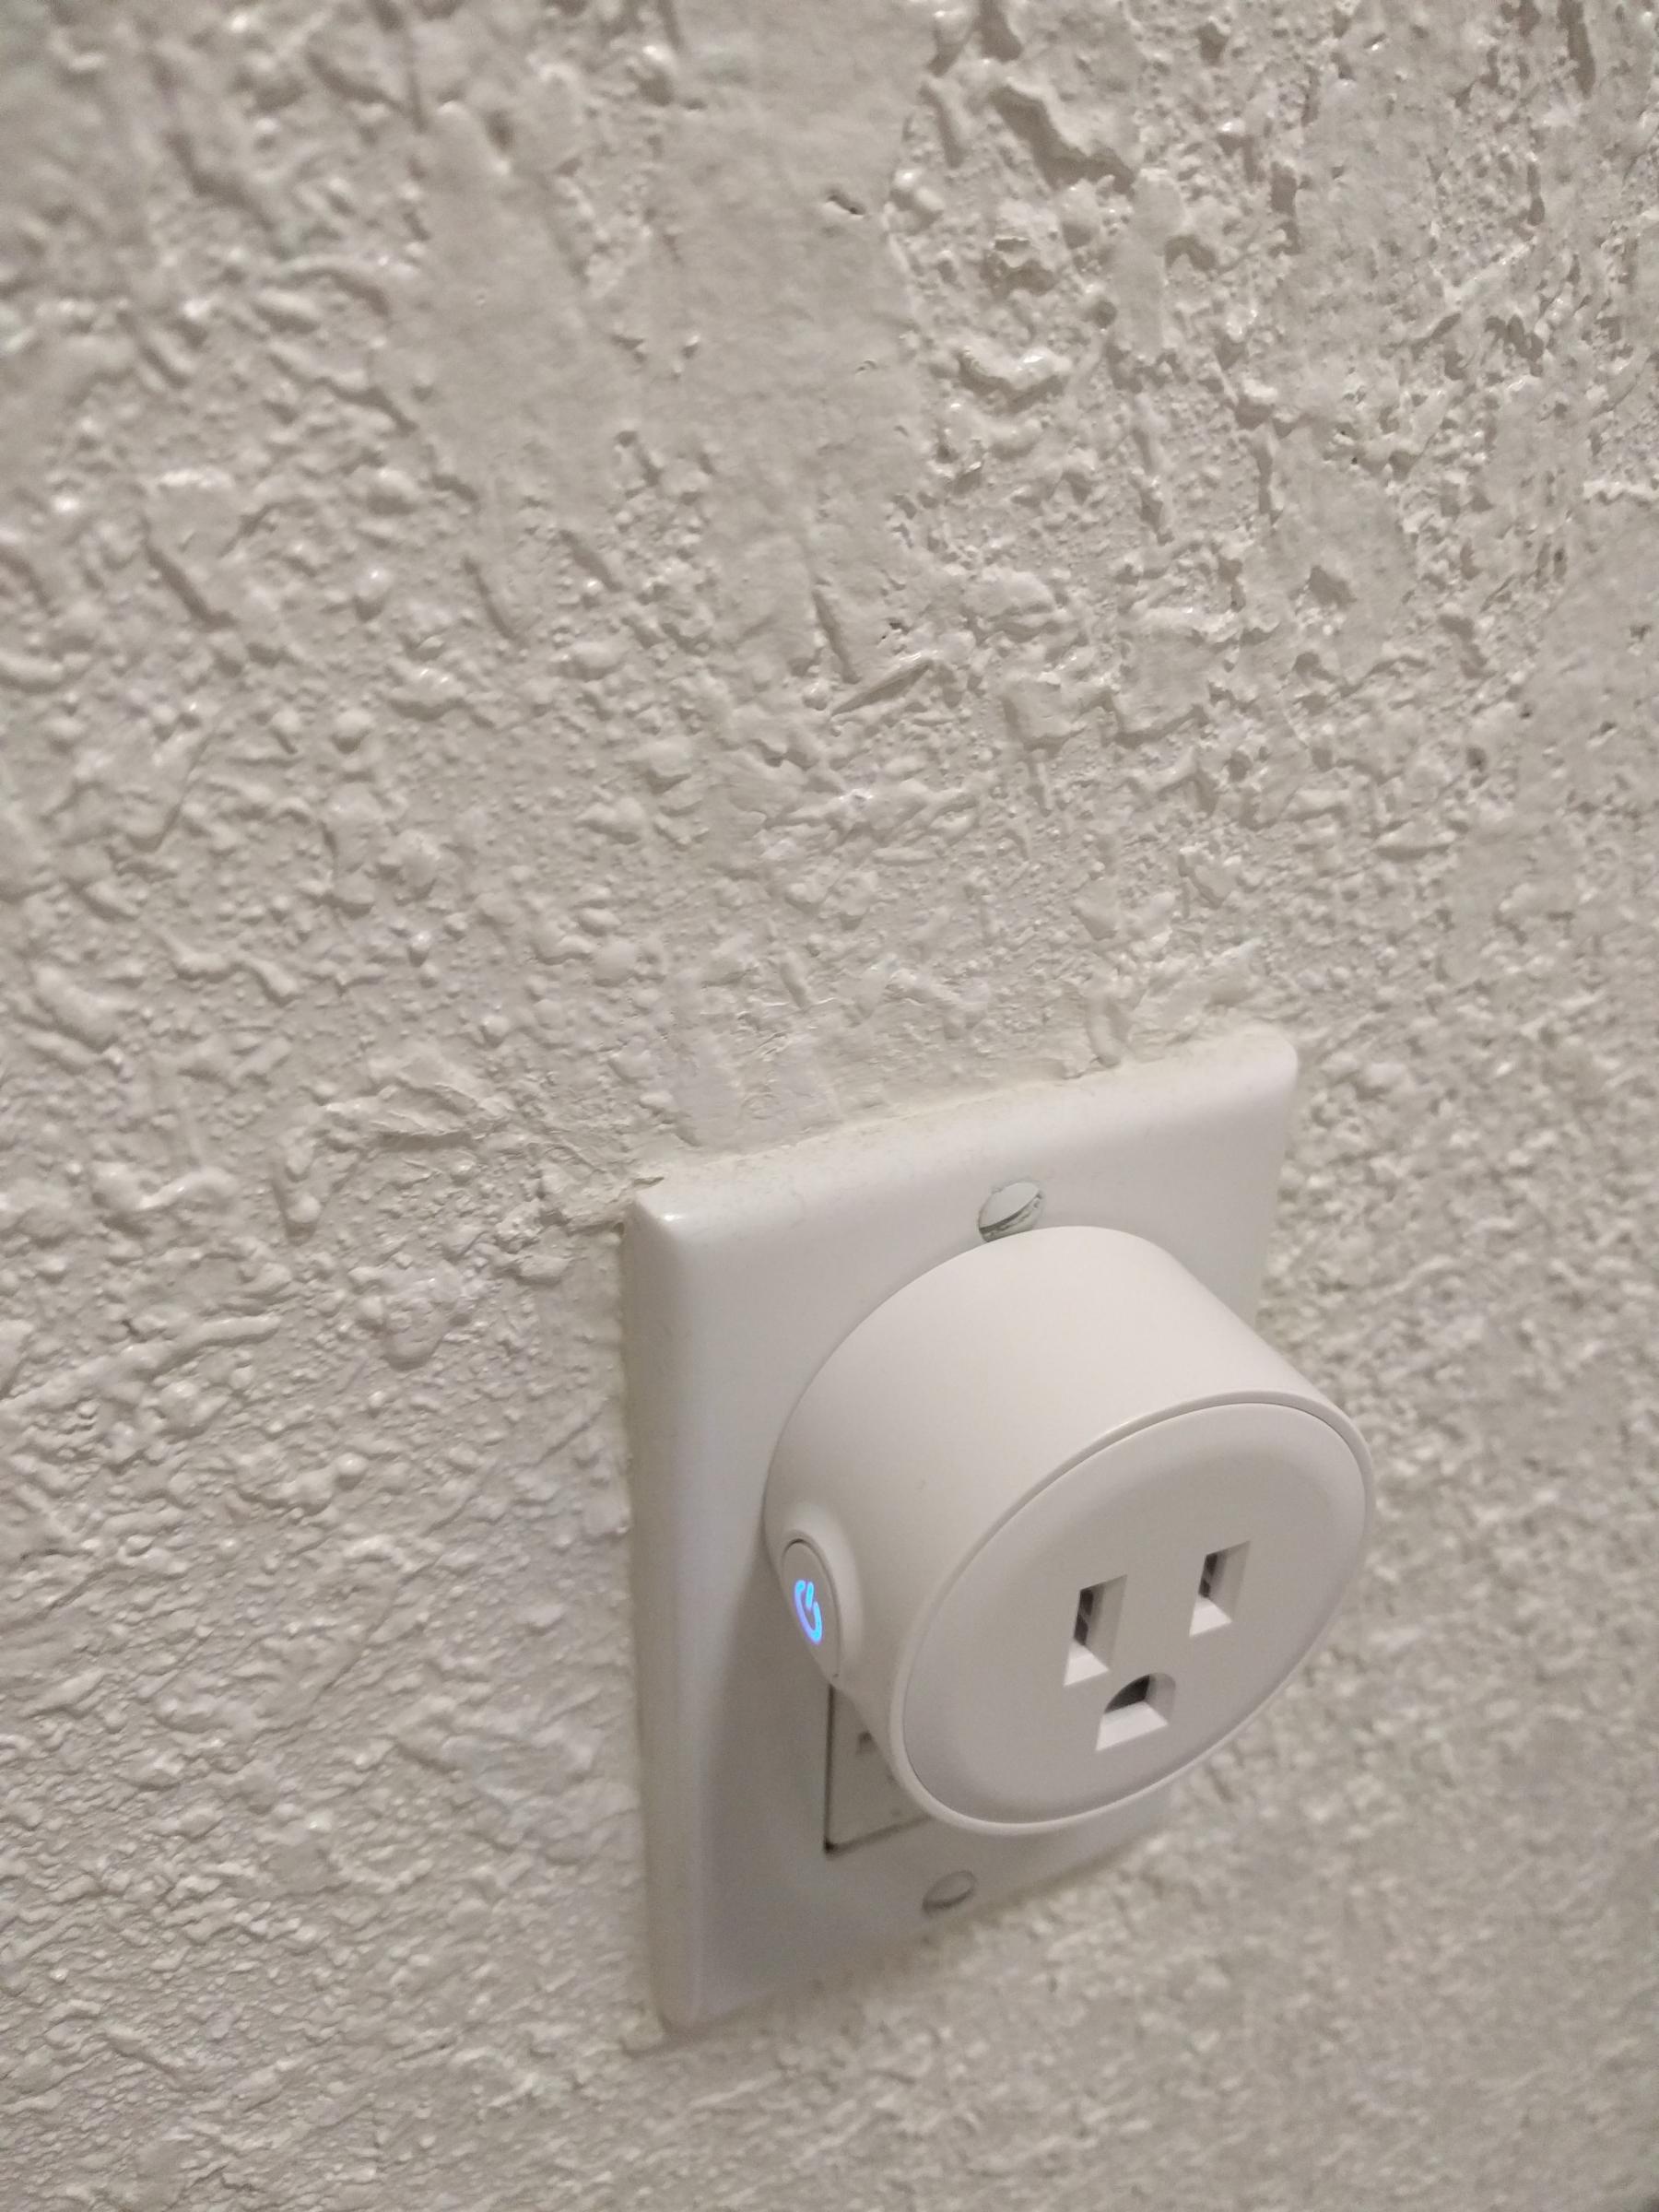 Really cool smart plug